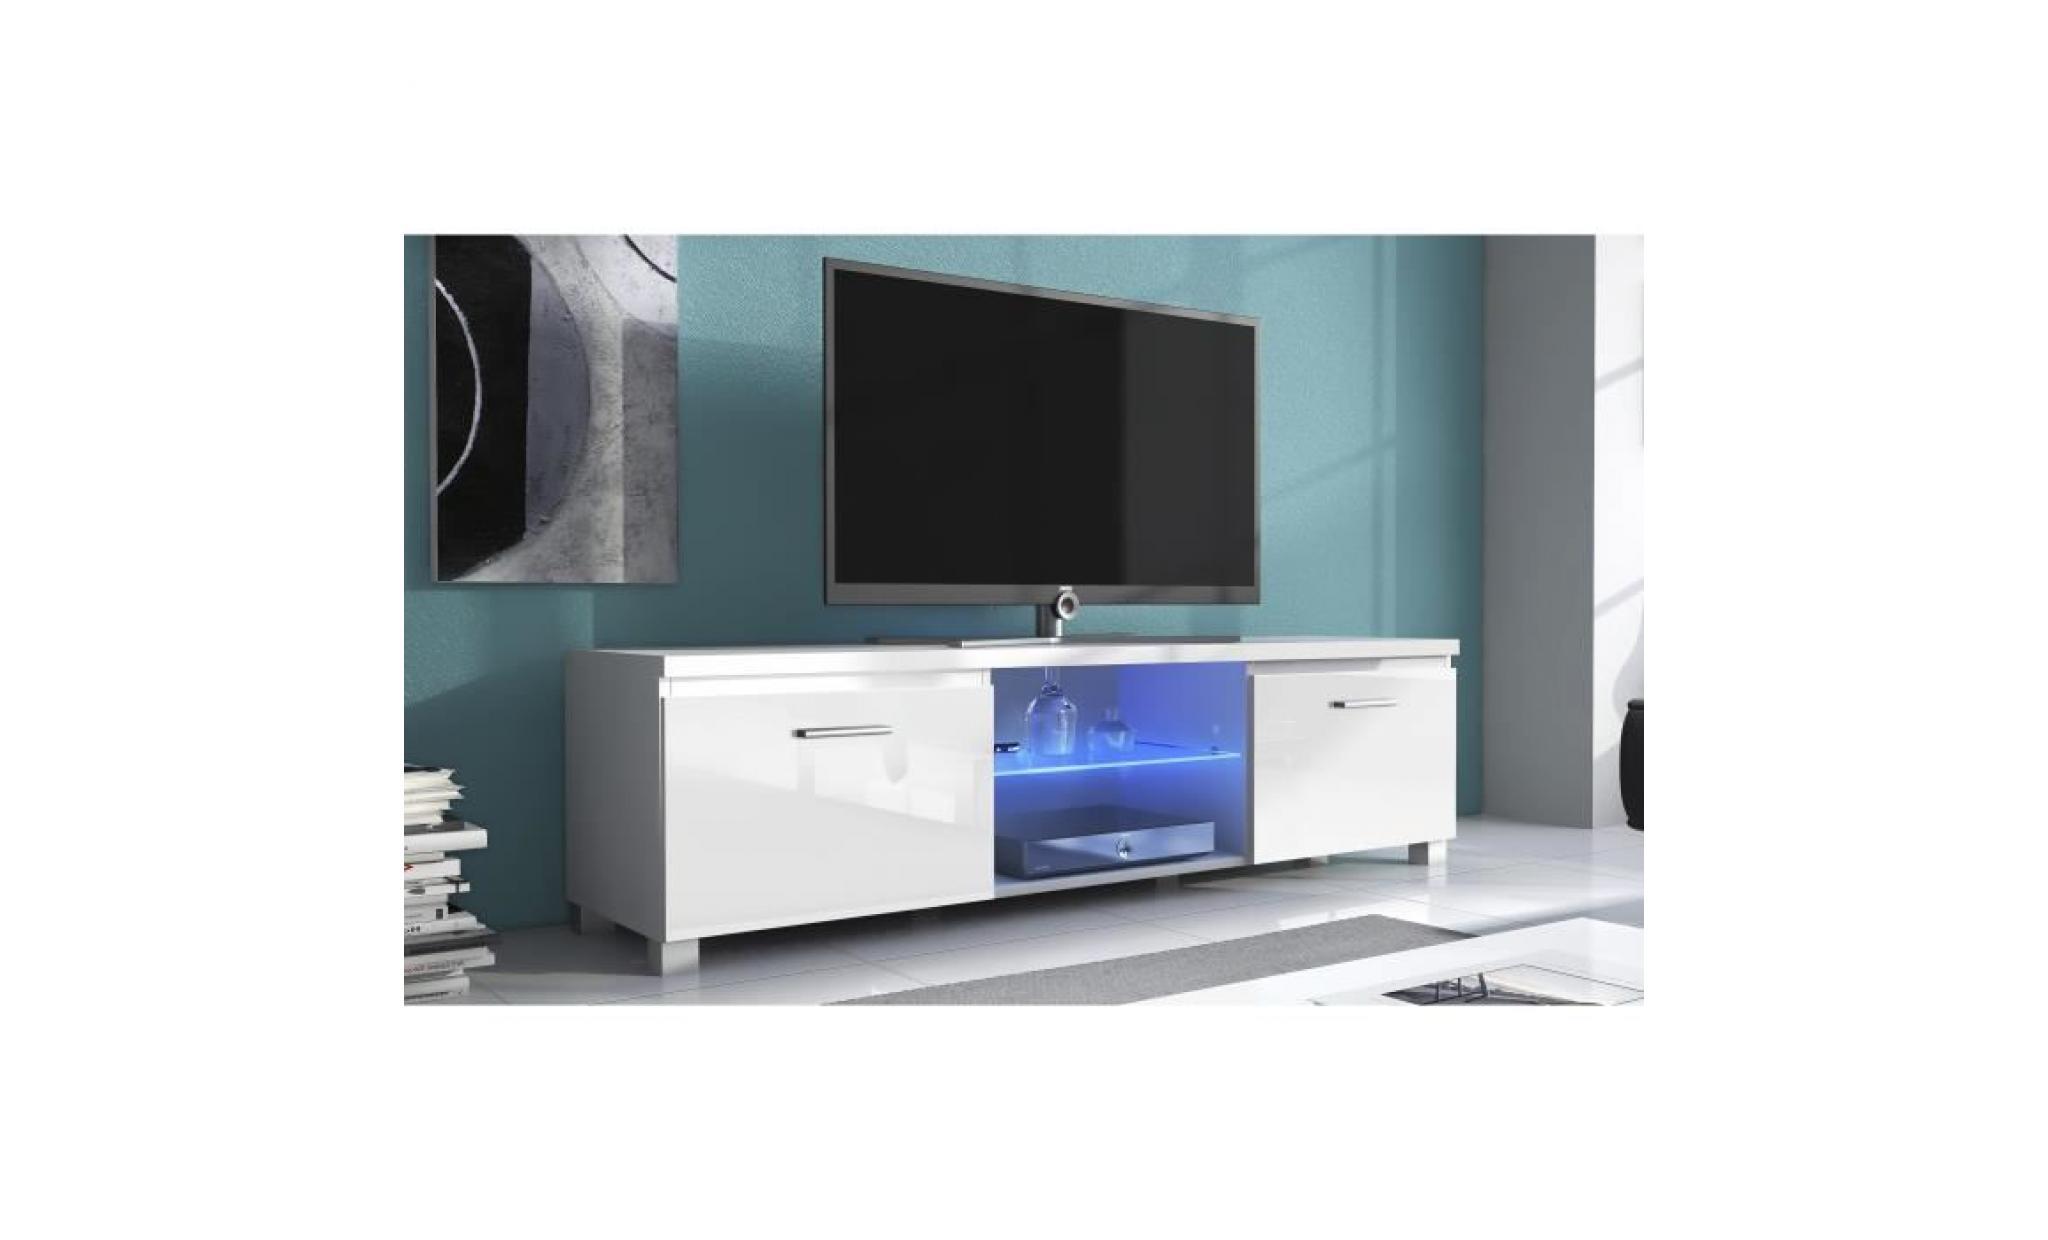 meuble bas tv led, salon séjour, blanc mate et blanc laqué, dimensions: 150  x 40 x 42 cm de profondeur.